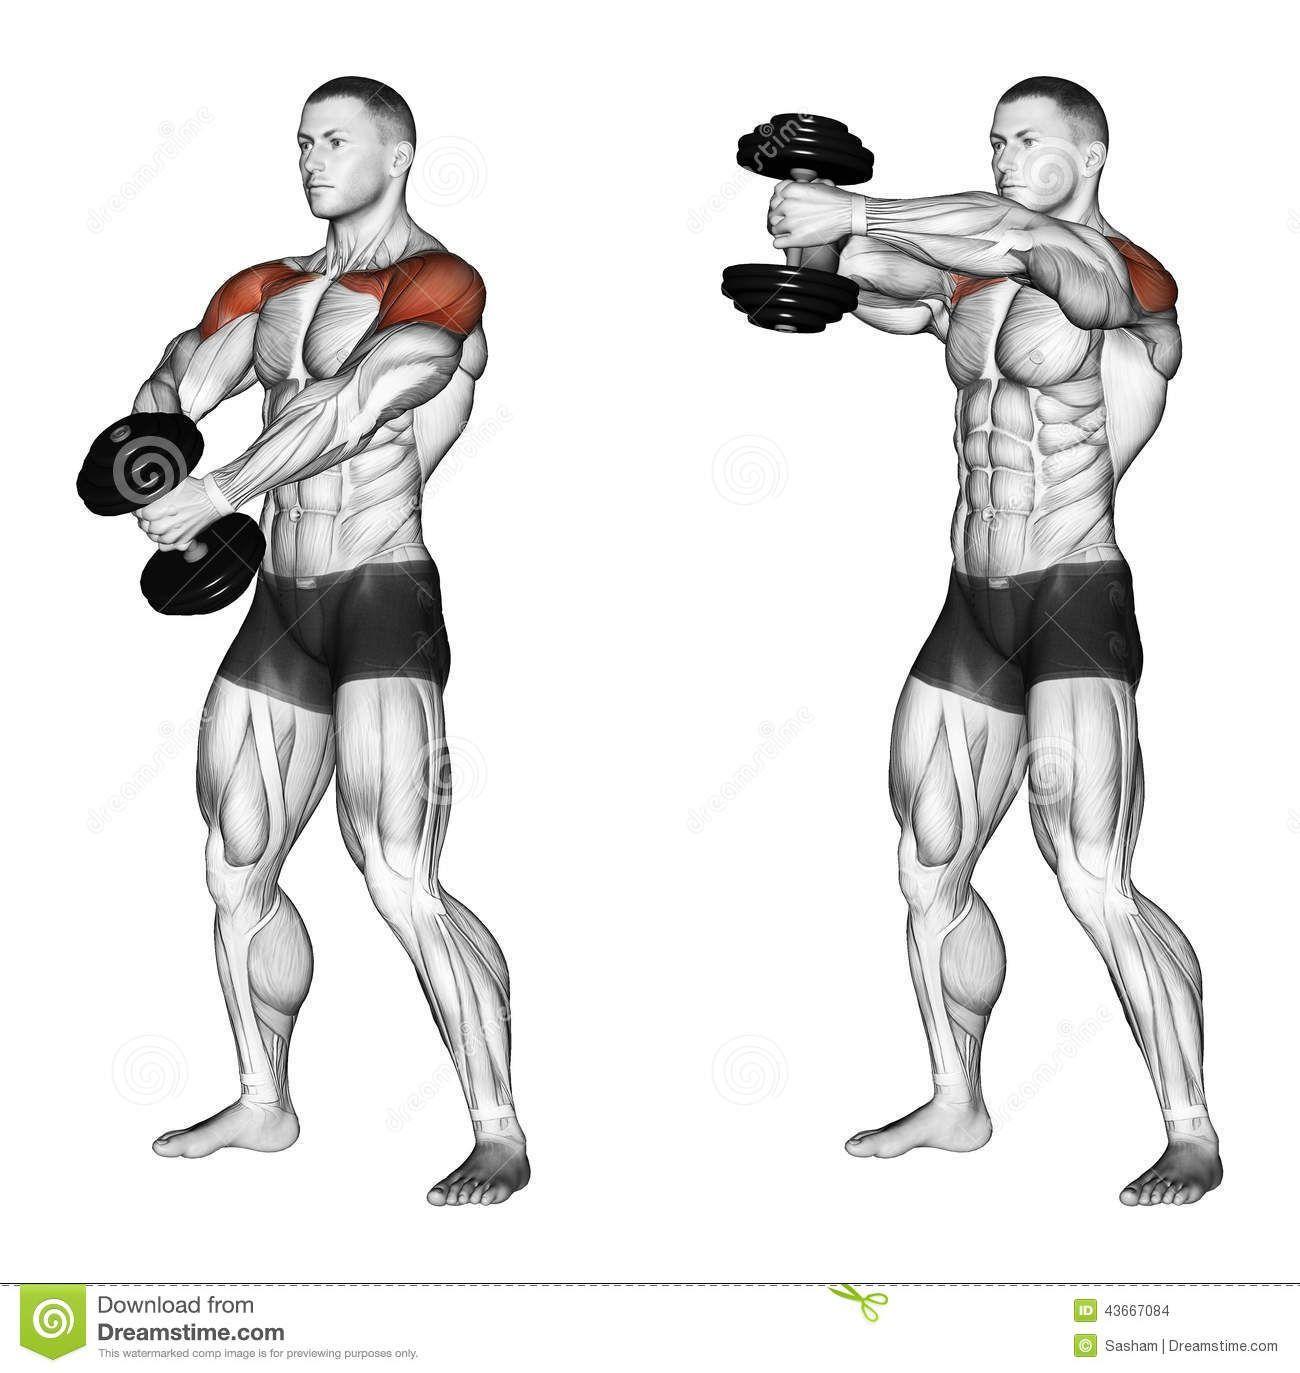 #des #einer #Hands #Hantel #Illustration #markiert #mit #Stock #trainieren #Trainings #ups Foto über Ups der Hände vorwärts mit einer Hantel. Training für Bodybuilding. Zielmuskeln sind rot markiert. Erste und letzte Schritte. Abbildung von vorwärts, markiert, Schlüsselbein - 43667084